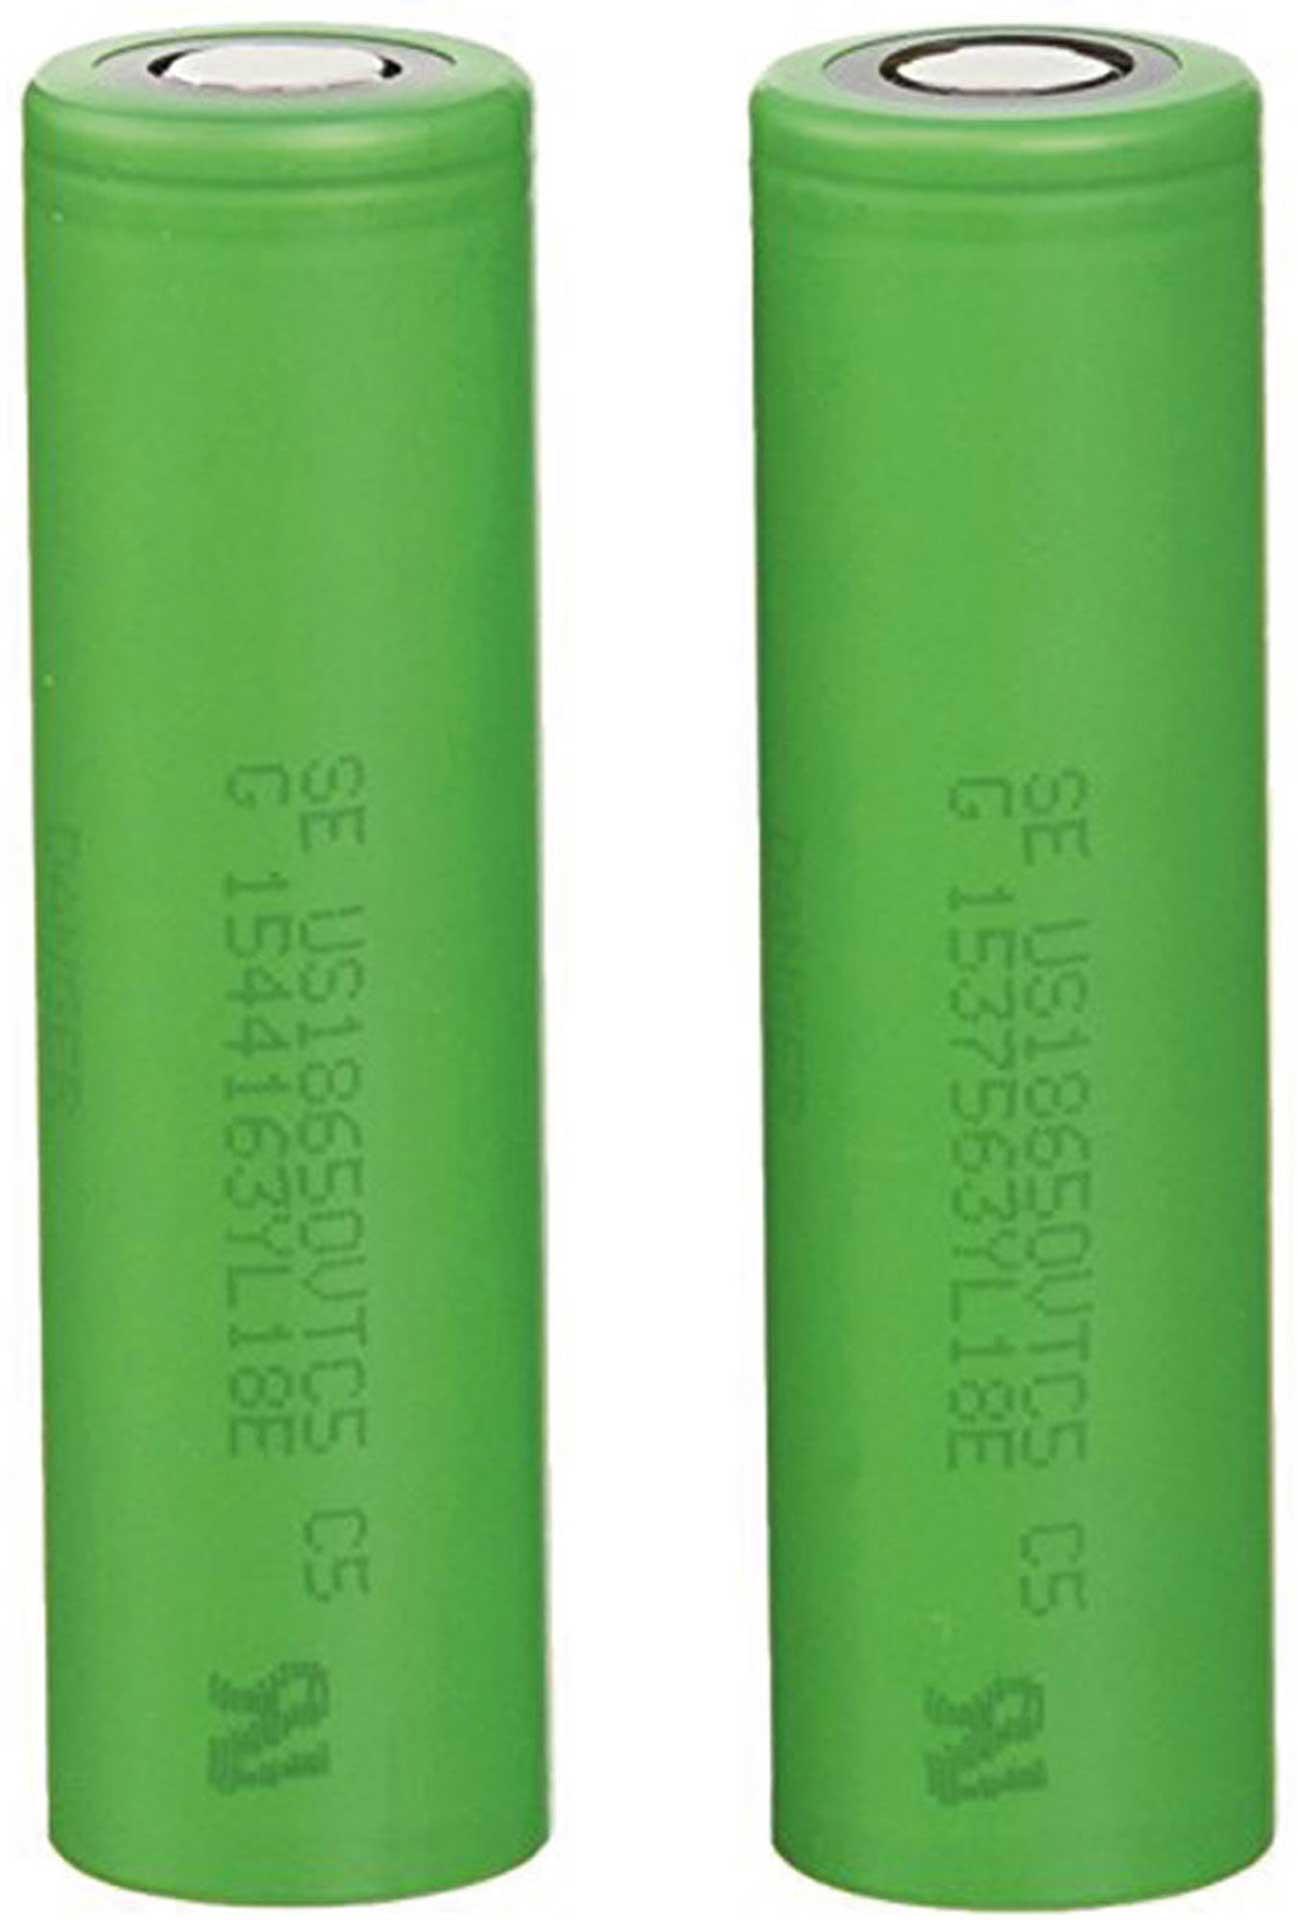 SONY 18650 ZELLE 3,6VOLT 2600MAH 2ER BOX